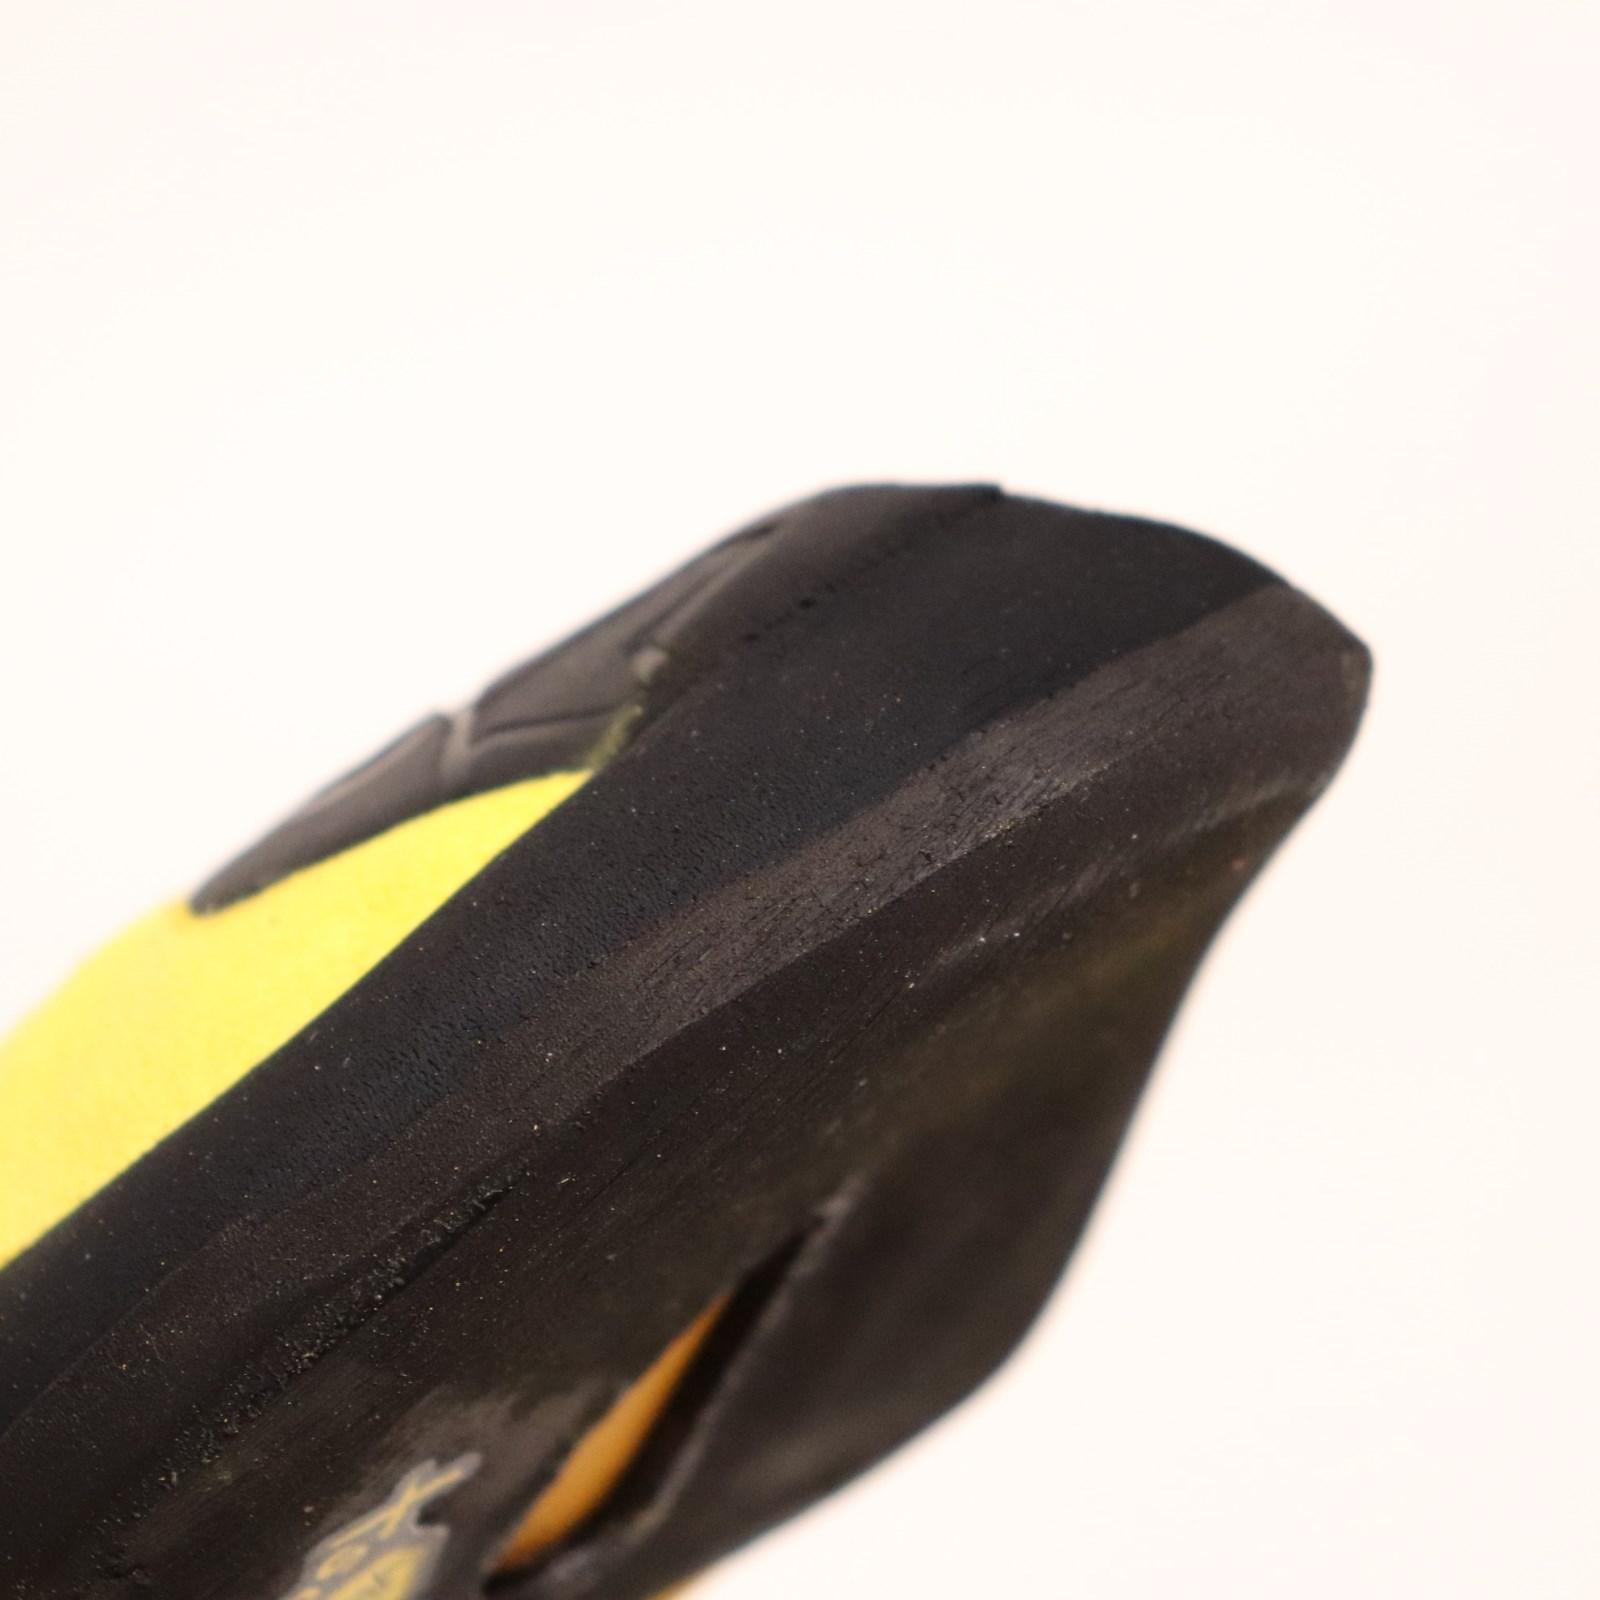 ラ・スポルティバ スクワマ【店頭受取ポイントUP商品】ポイント700Pプレゼント